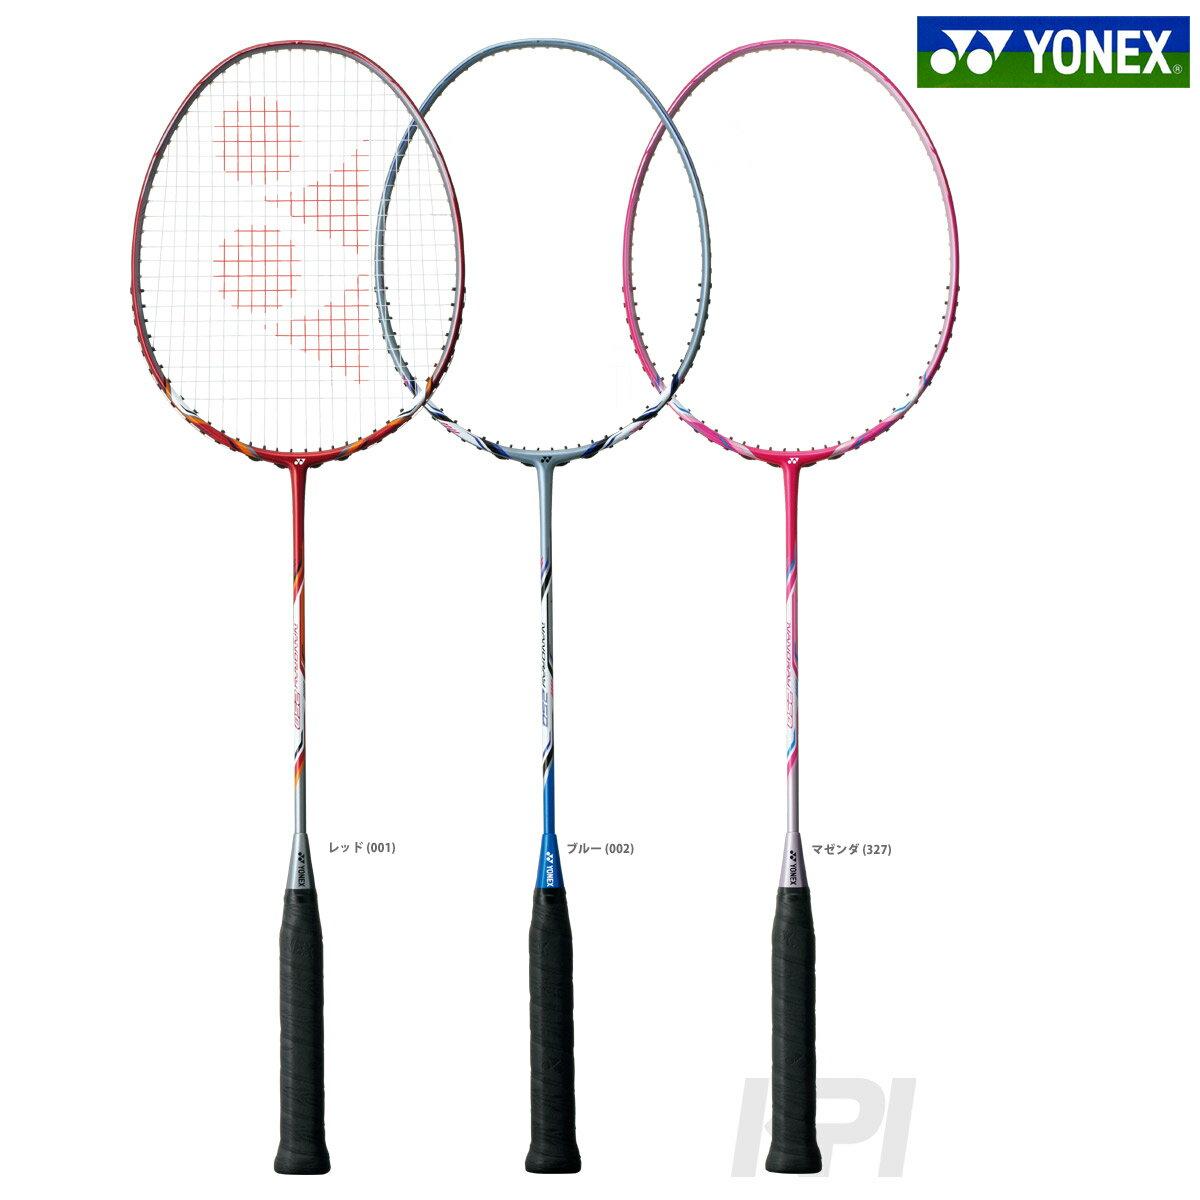 [日本直送]YONEX- NANORAY 250 /NR250 羽球拍-002藍色(該賣場商品售價不含線,僅有球框)/ 日本樂天直送